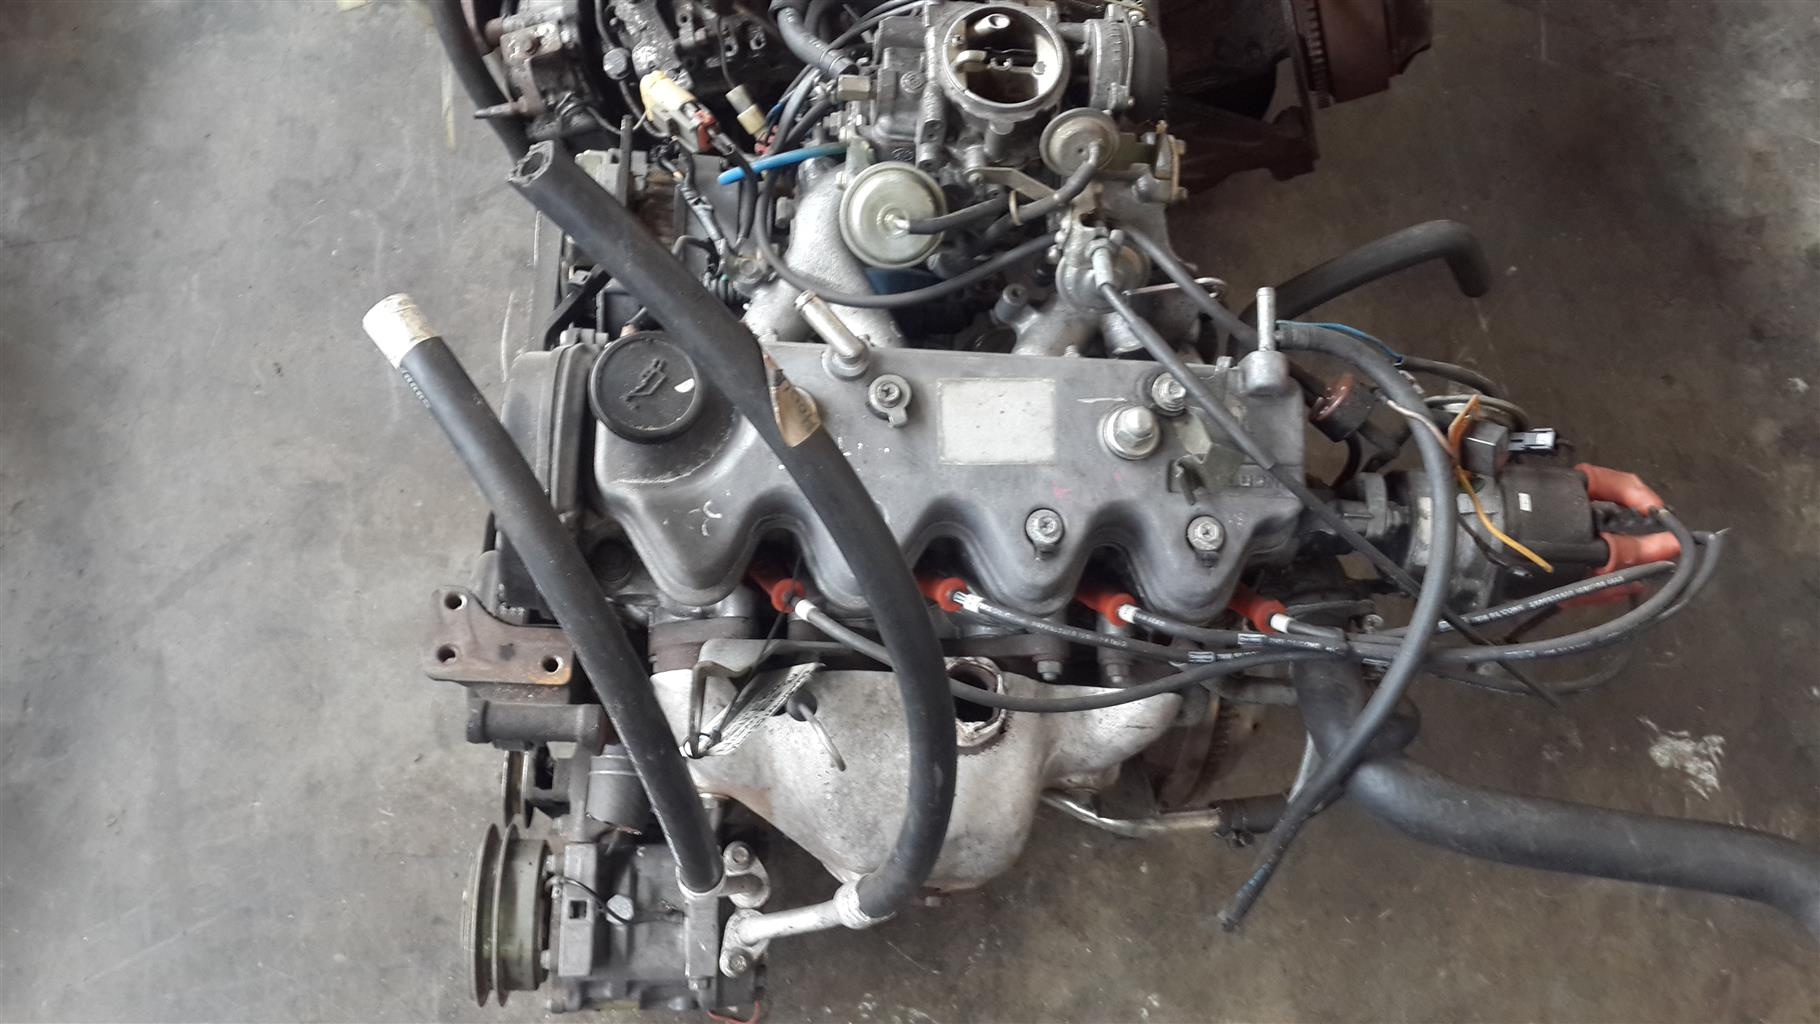 Nissan Sentra E15 engine for sale